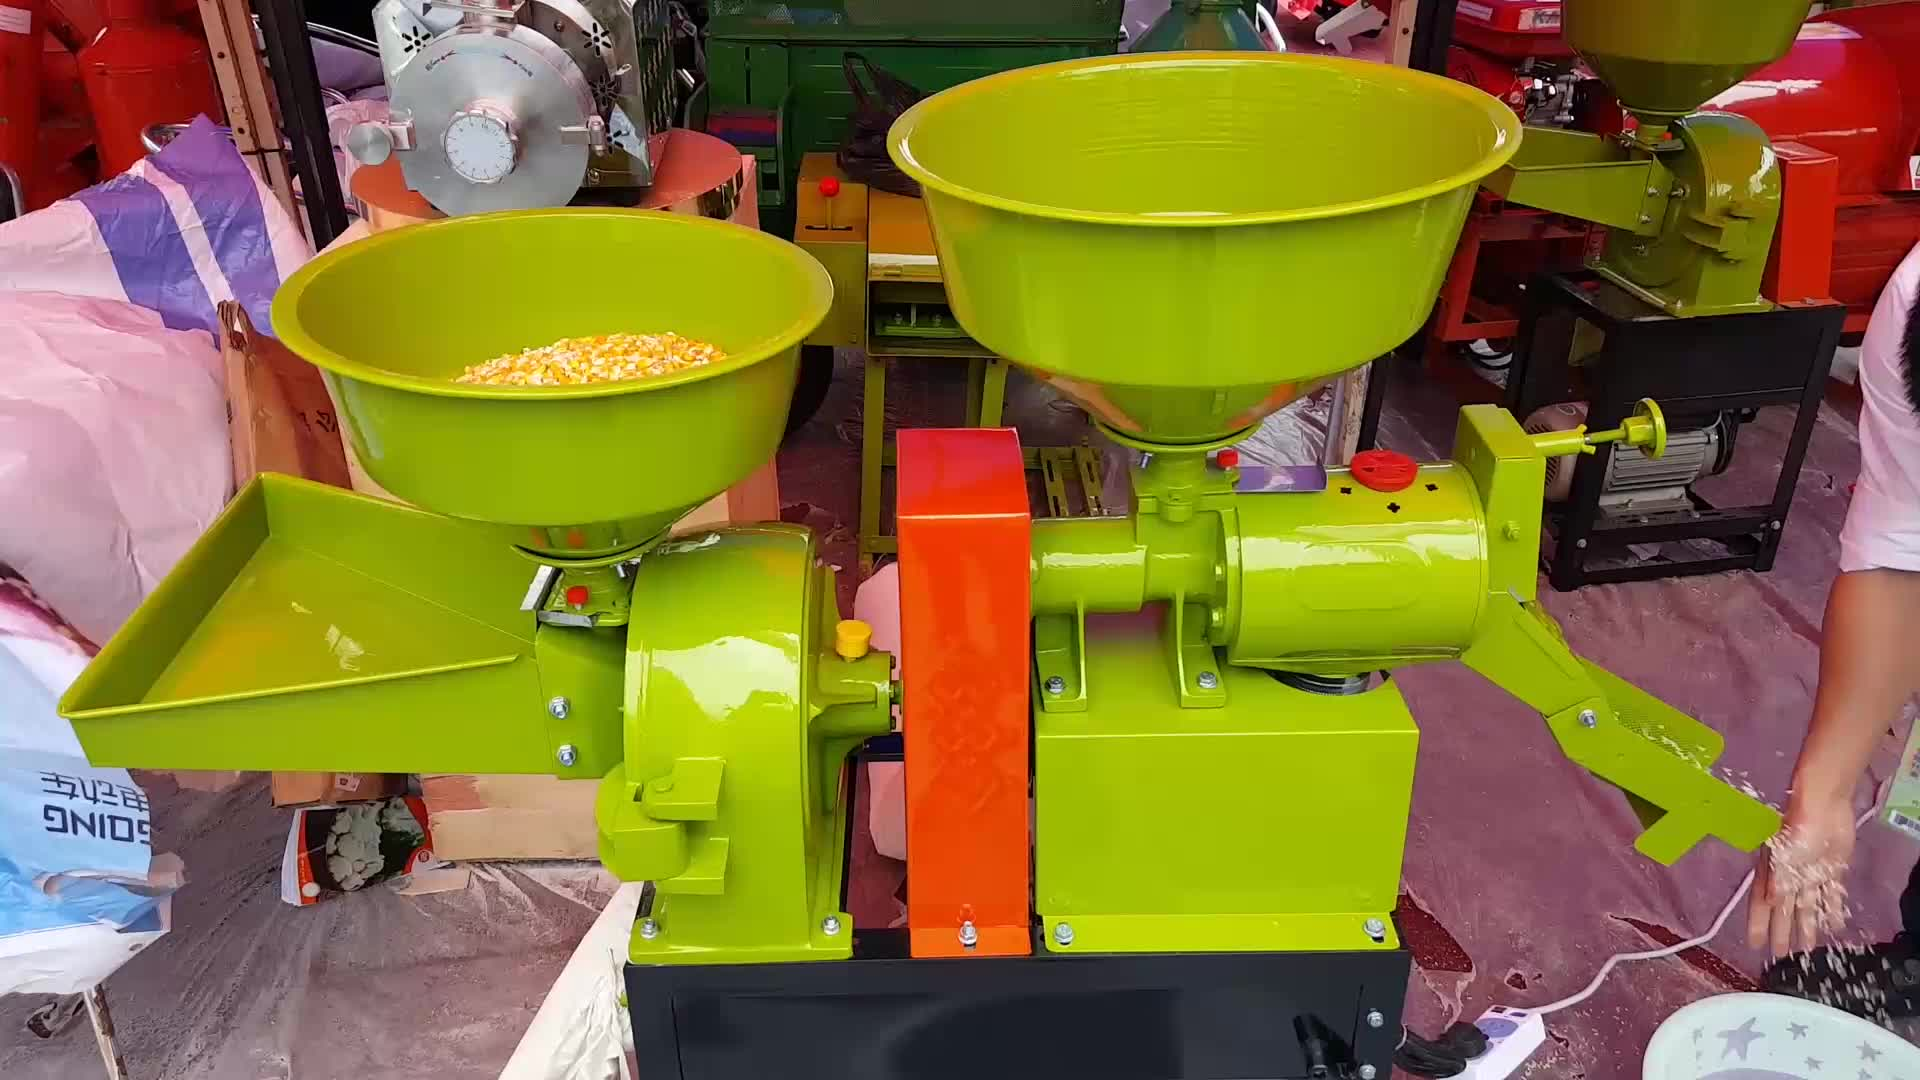 อุปกรณ์การสีข้าวแบบครบวงจรราคาถูกที่สมบูรณ์